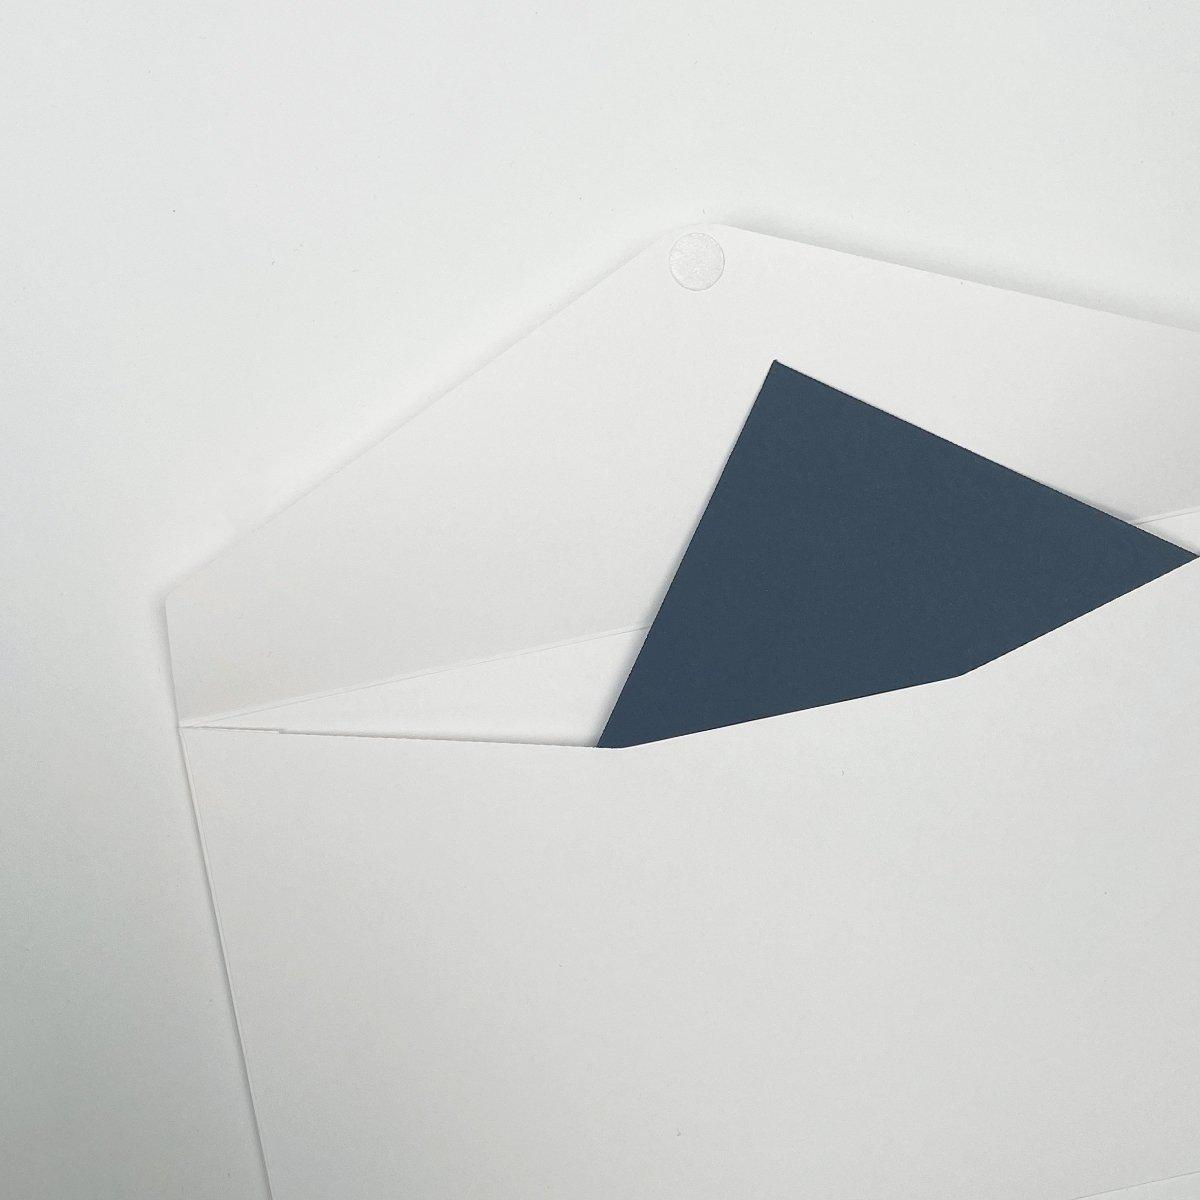 Papieren paklijstenveloppen met klepsluiting